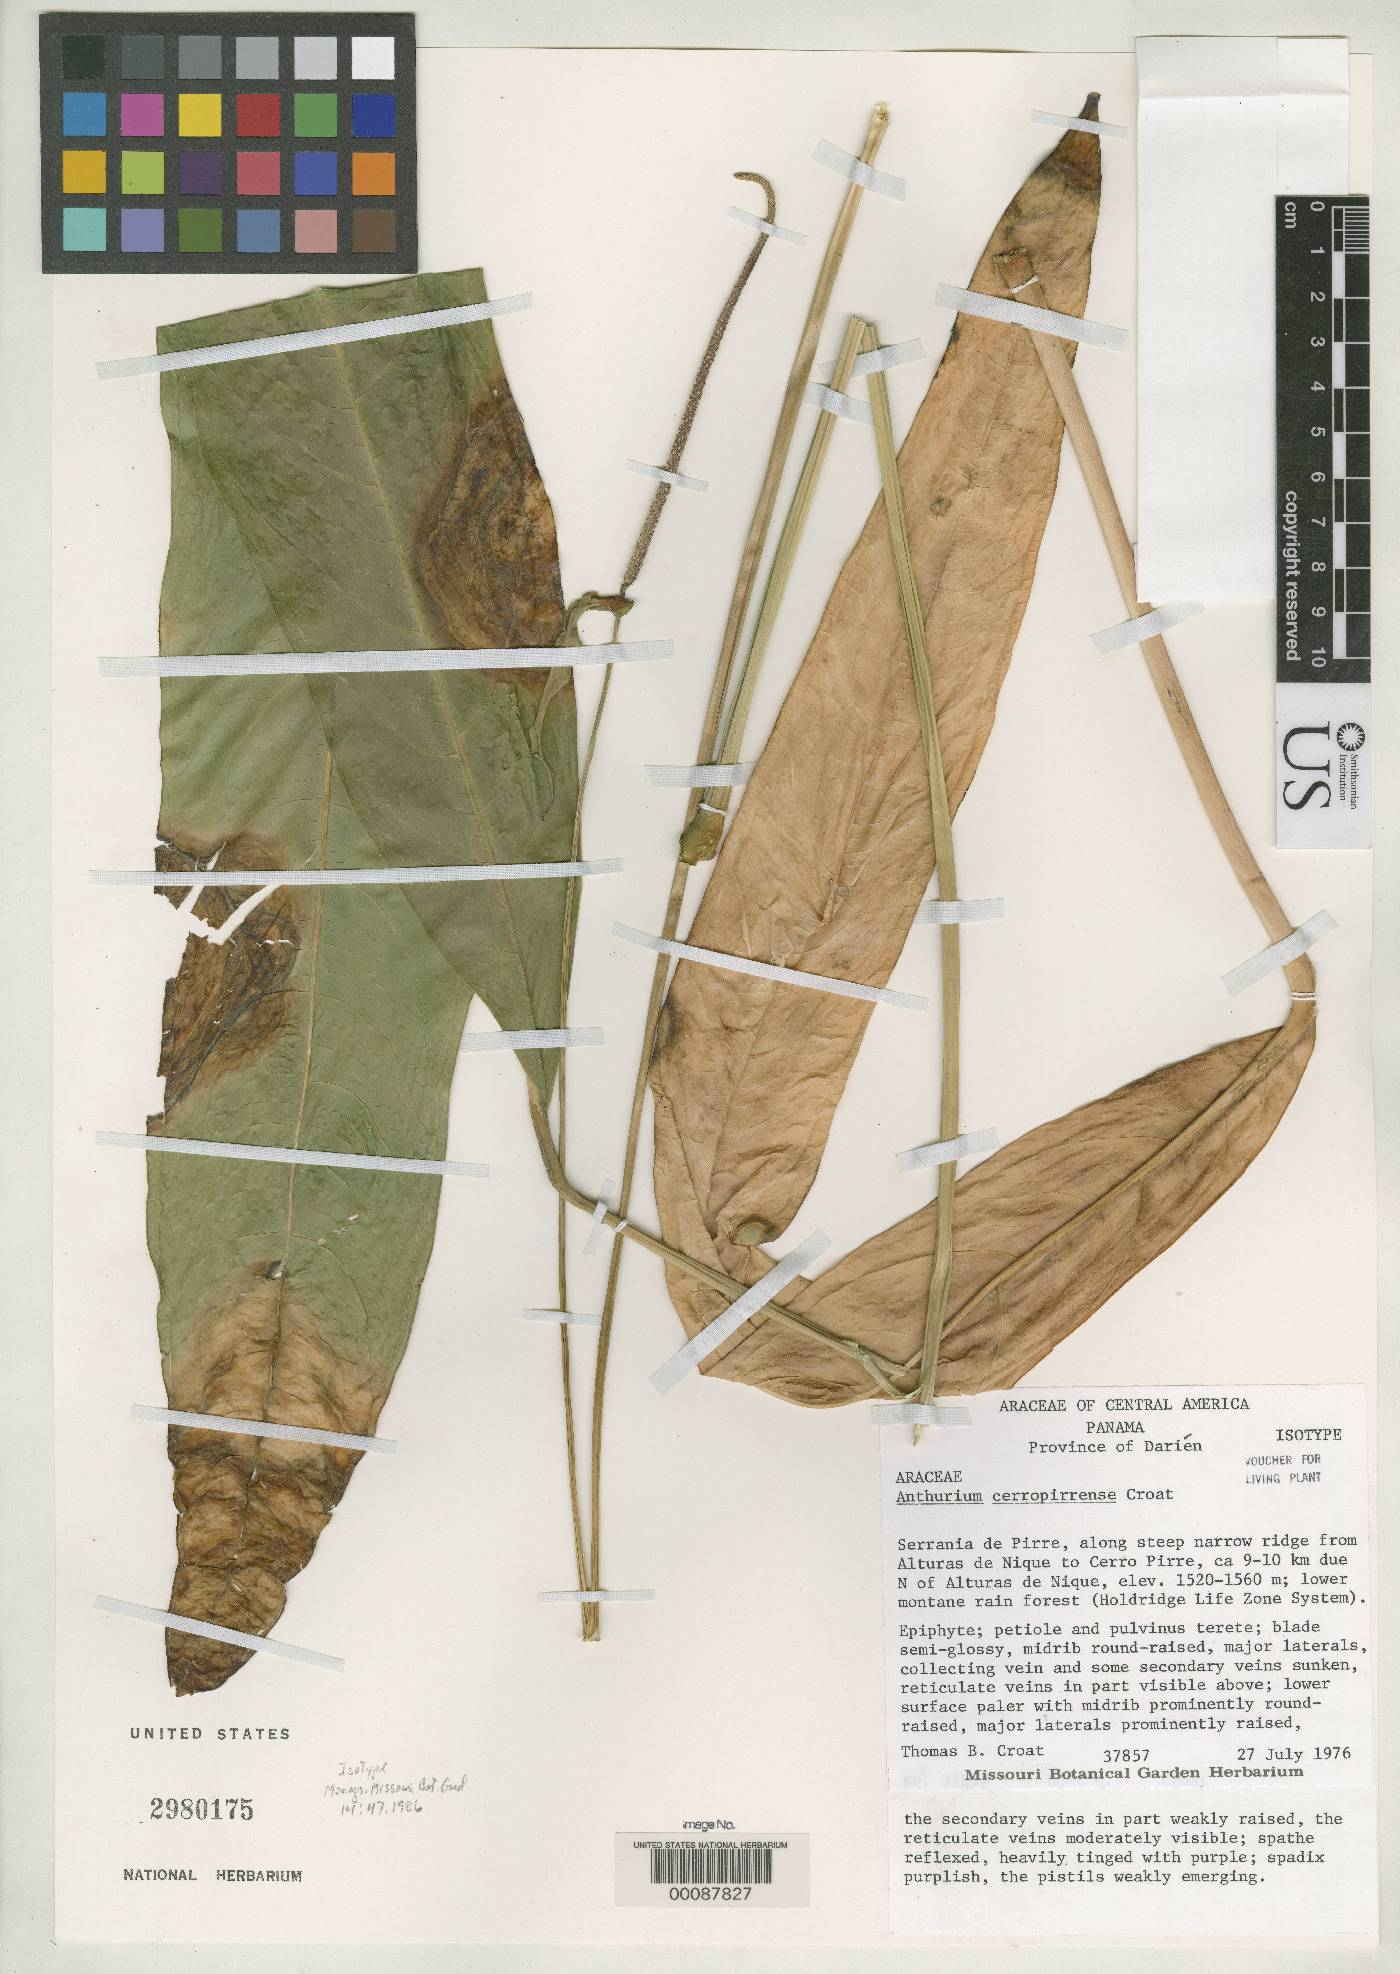 Anthurium cerropirrense image